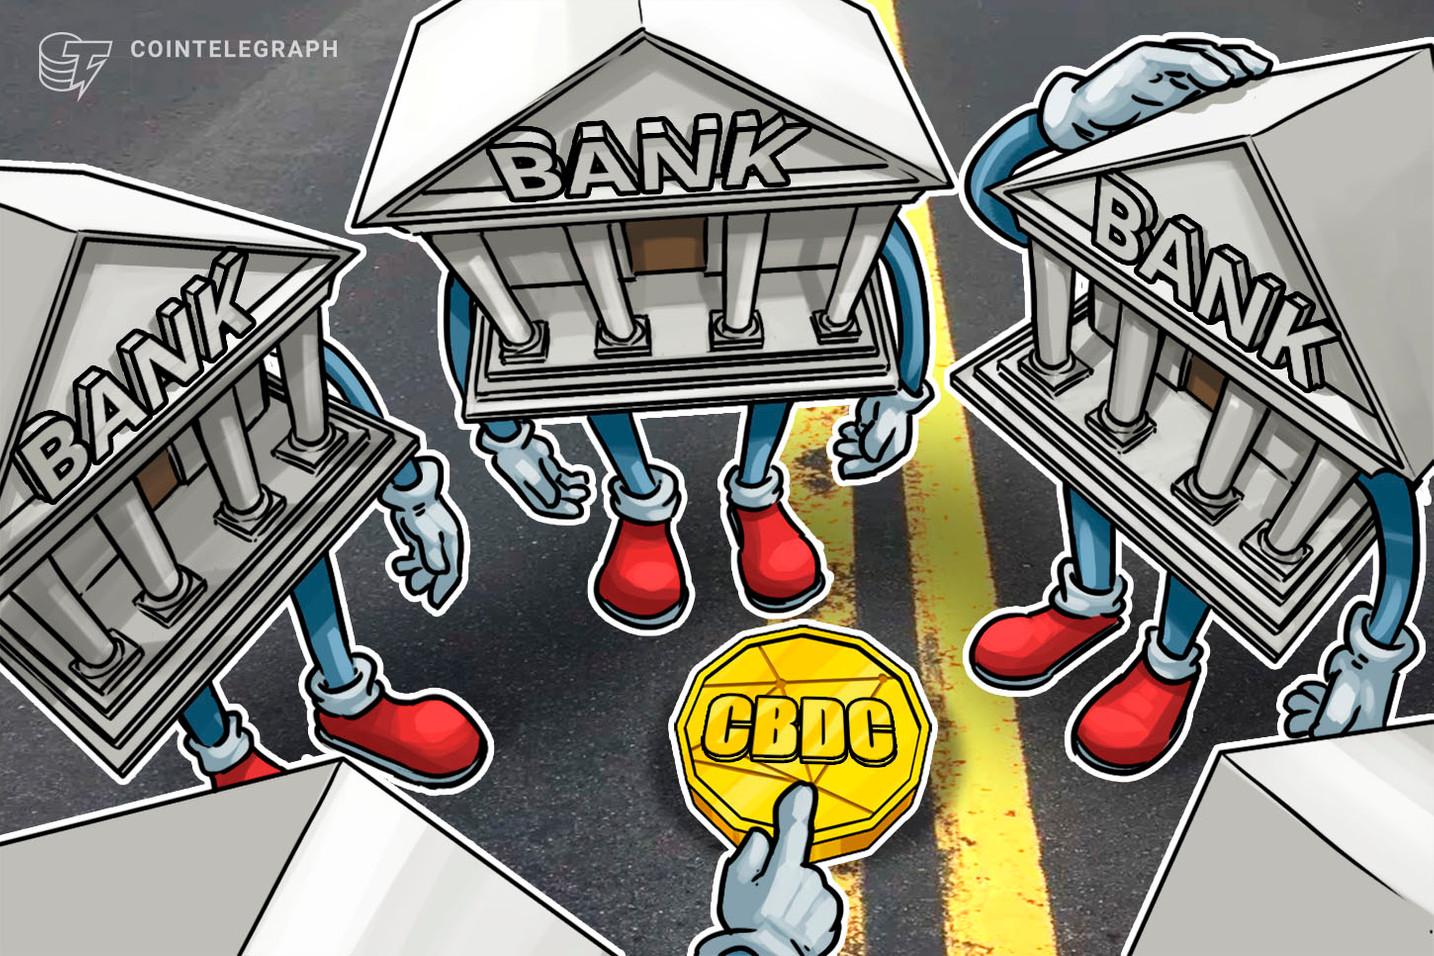 金融機関の大多数が中銀は独自の仮想通貨を開発すべきと考えている=IBM調査